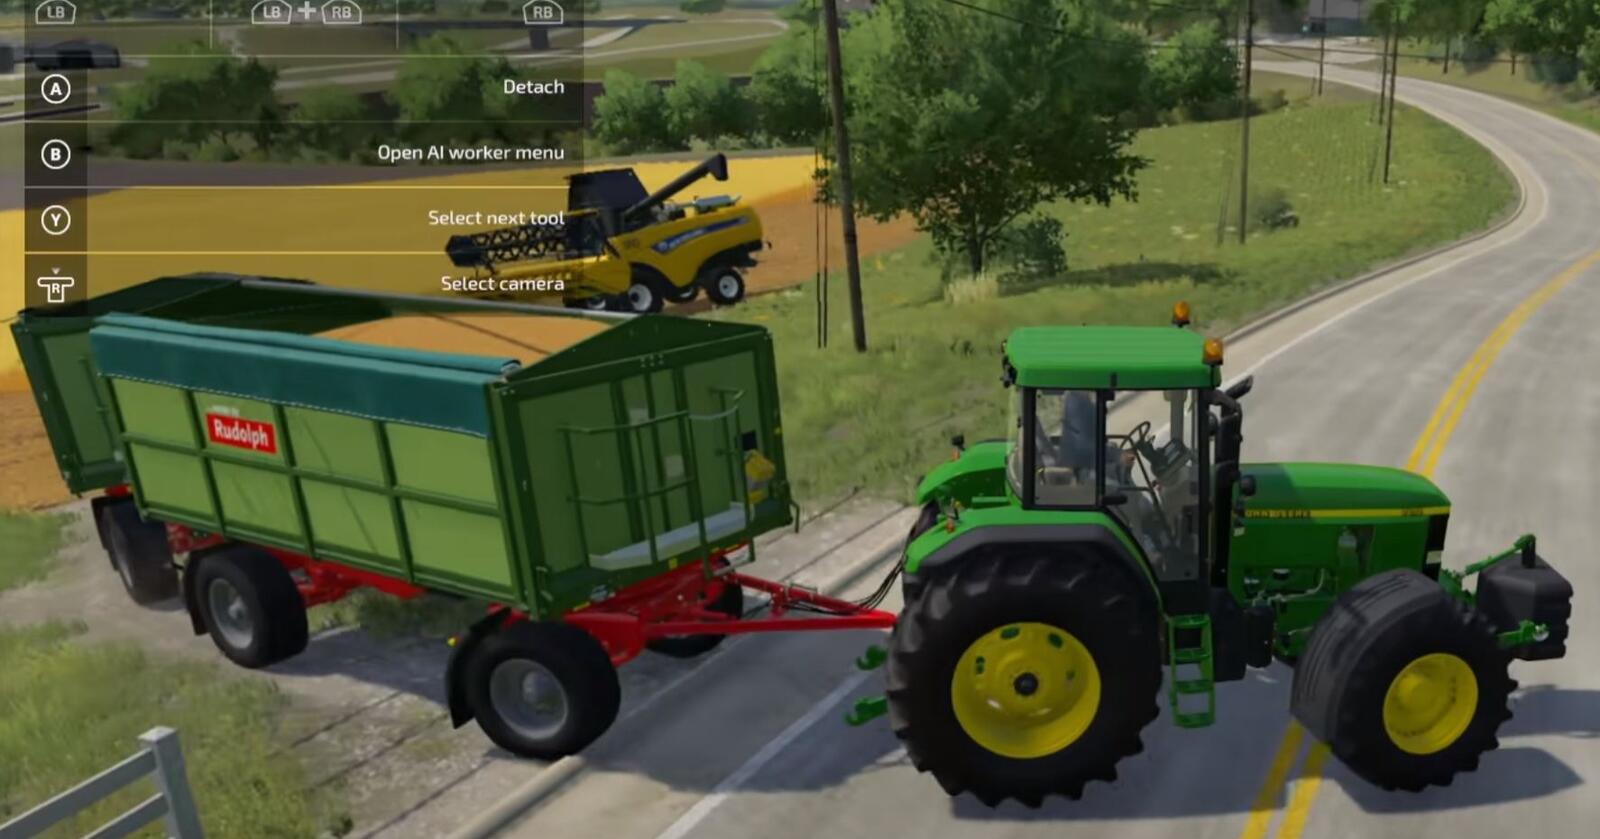 Farming simulator 2022 kan friste med bedre visuelle effekter og nye maskiner. Her er en skjermdump fra spilldemoen.